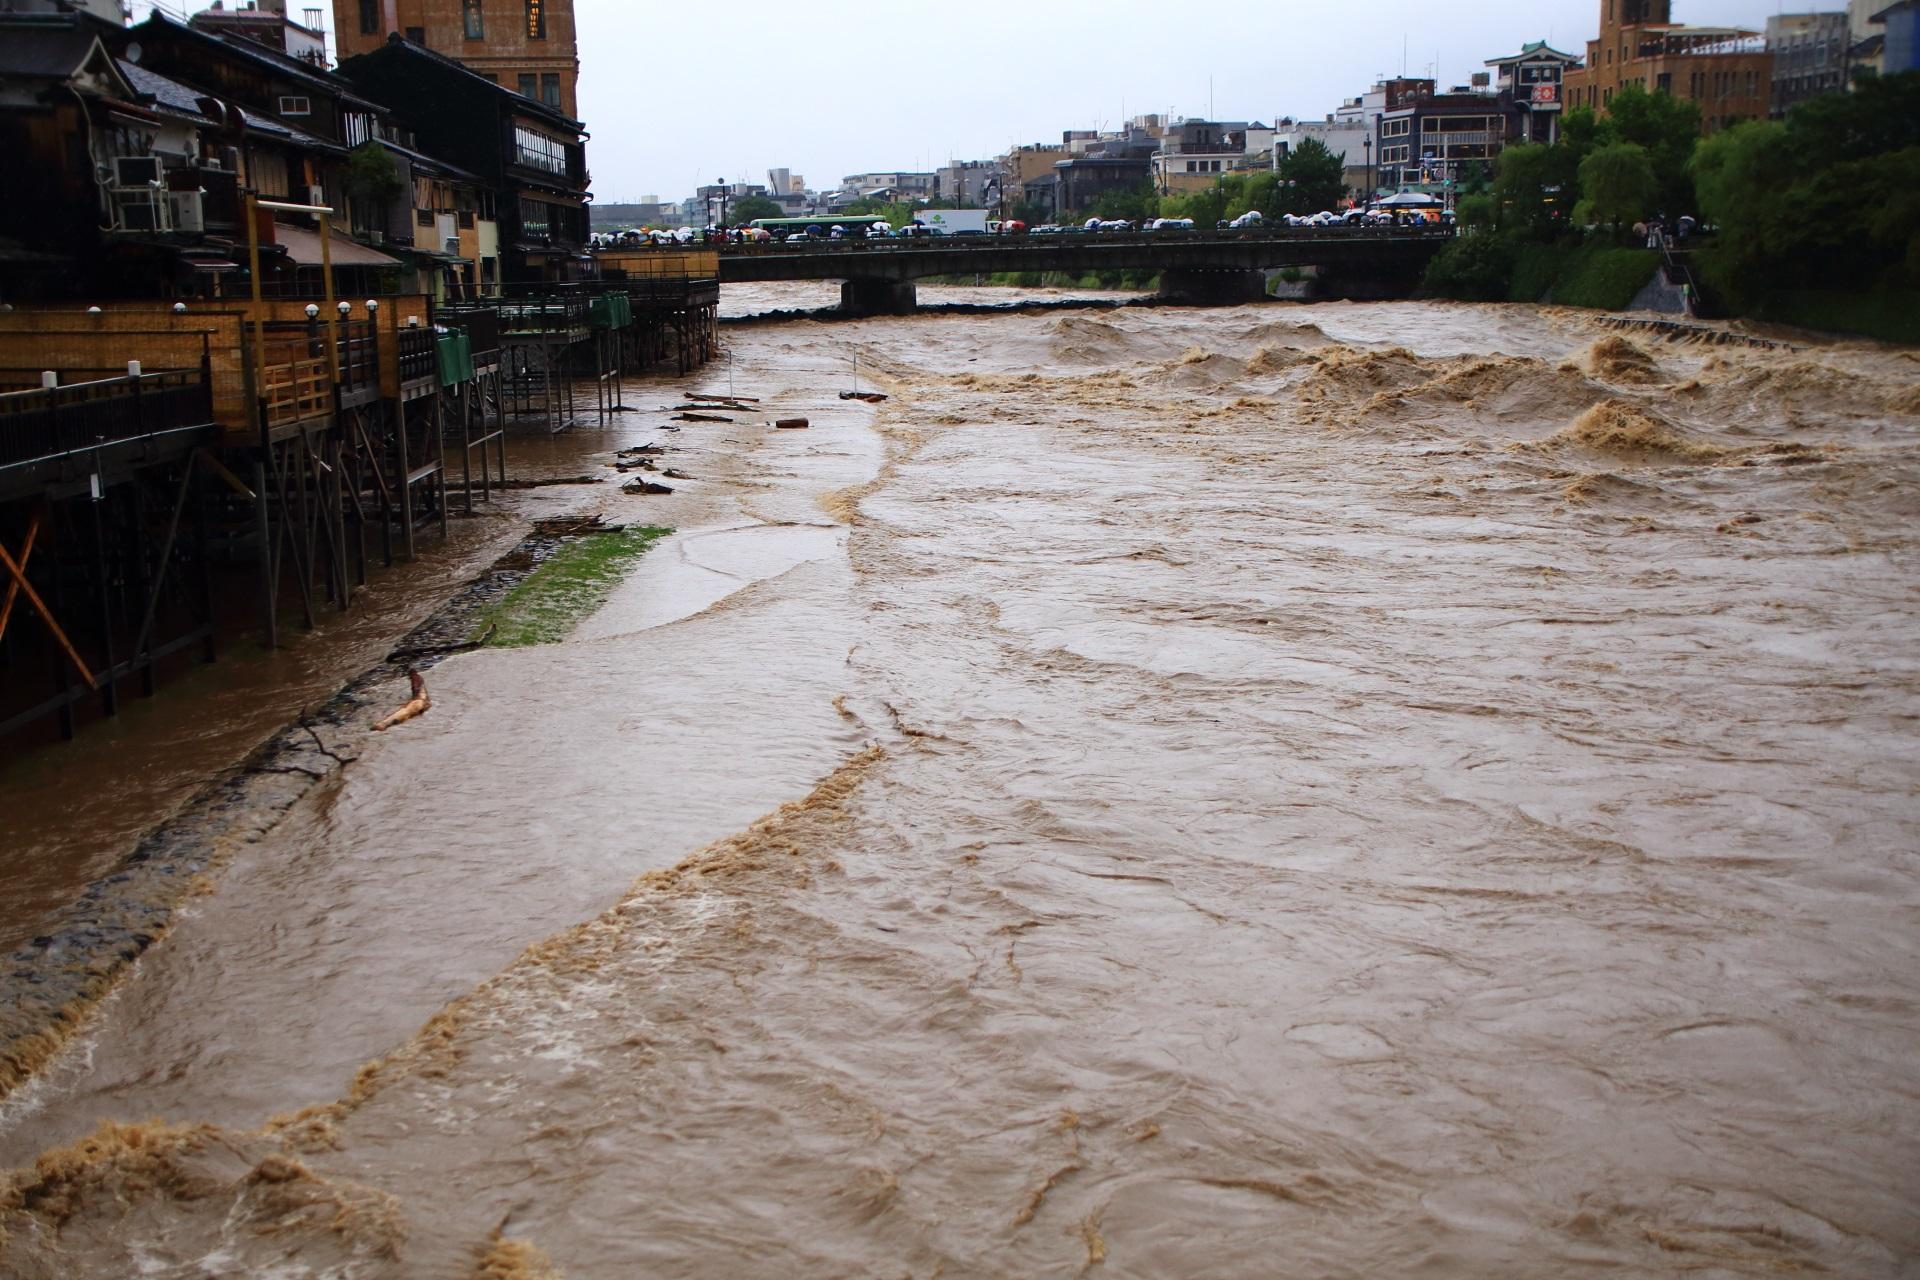 濁流に浸かるみそそぎ川と鴨川の間の河川敷